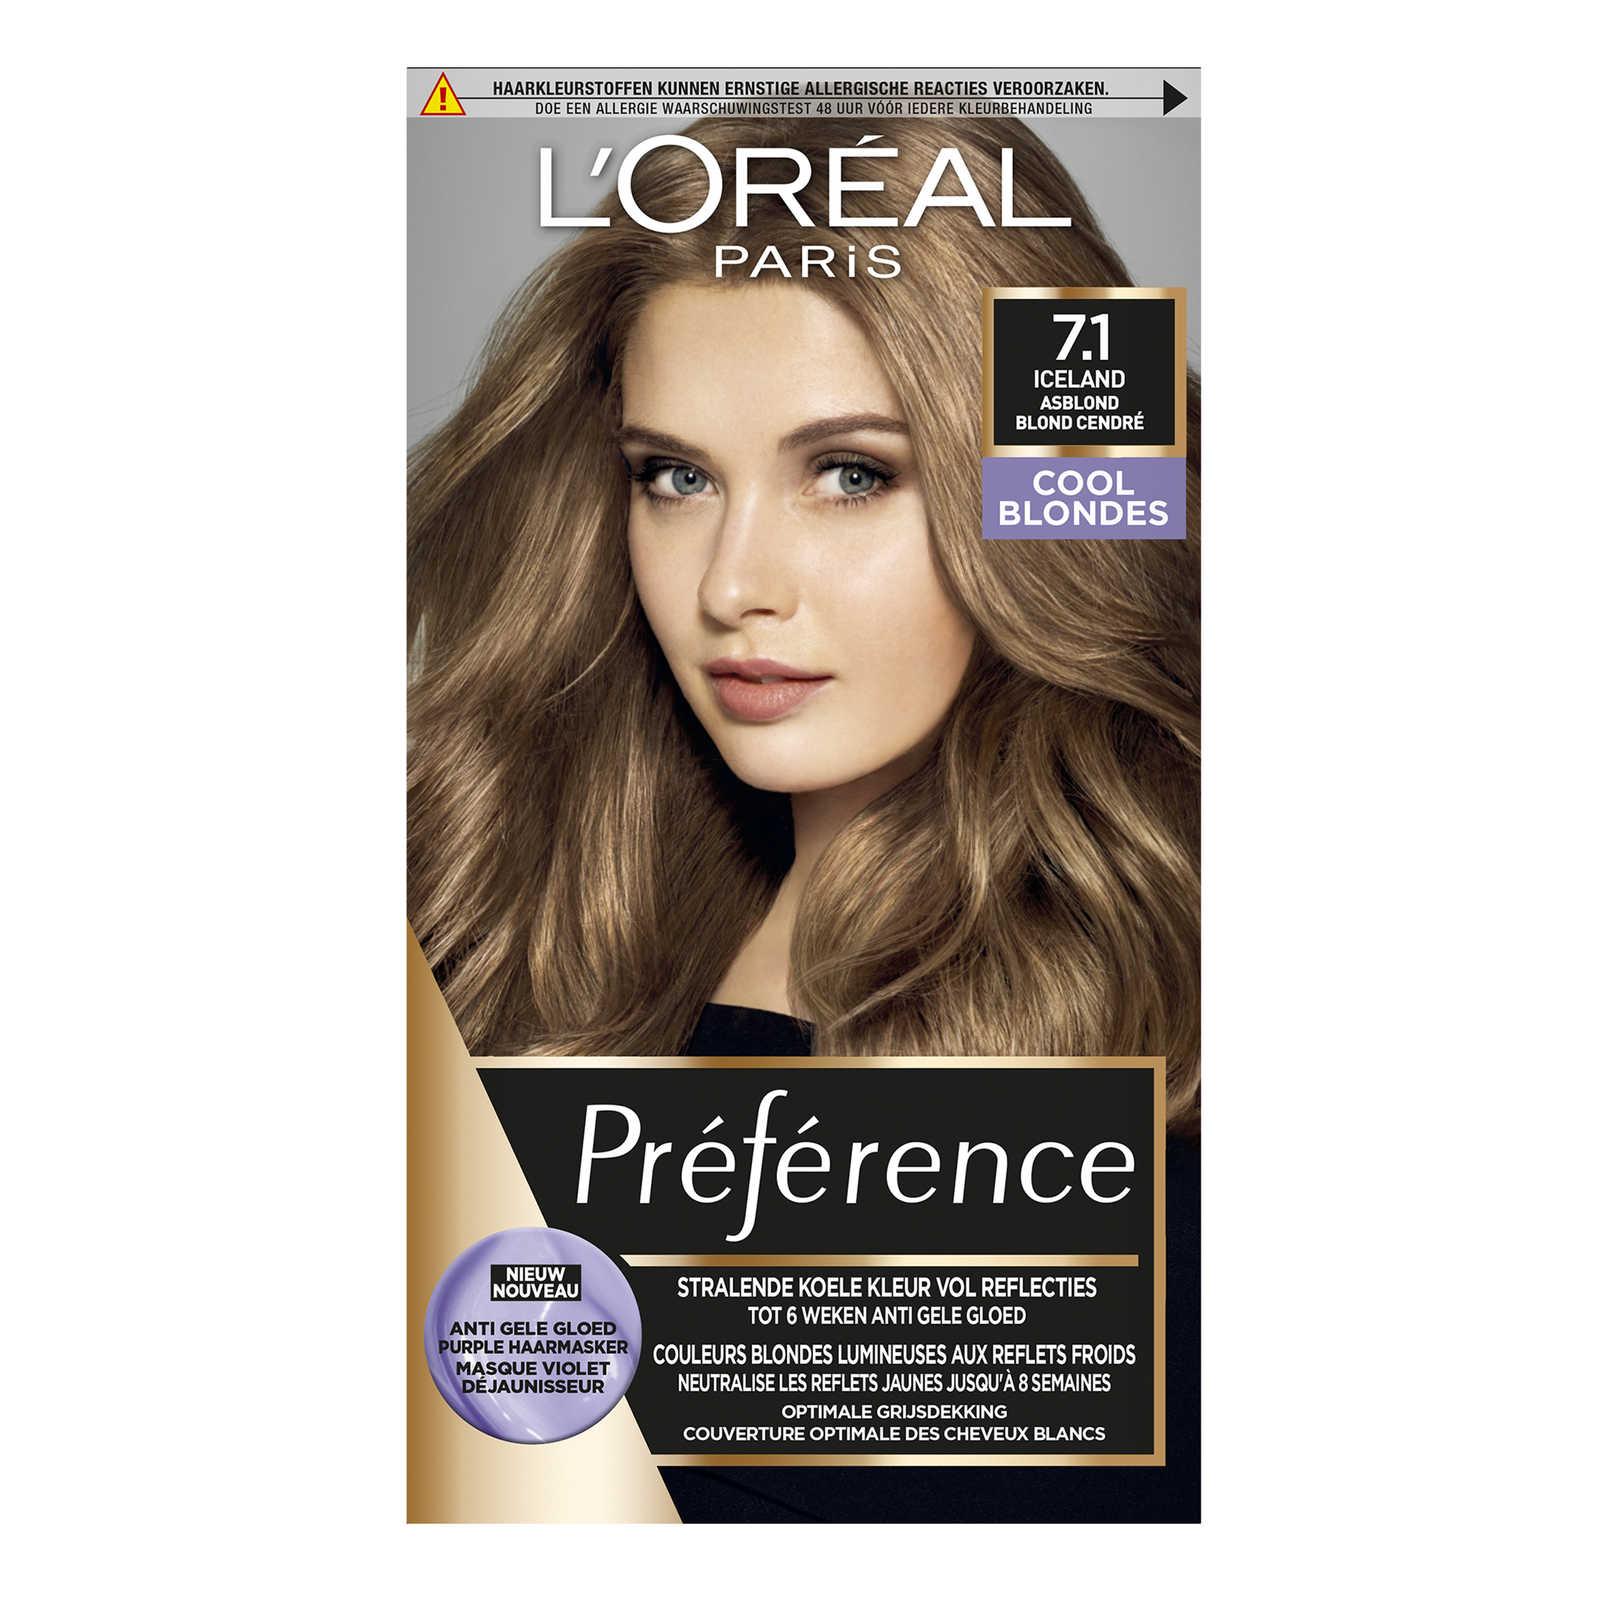 Preference-Preference